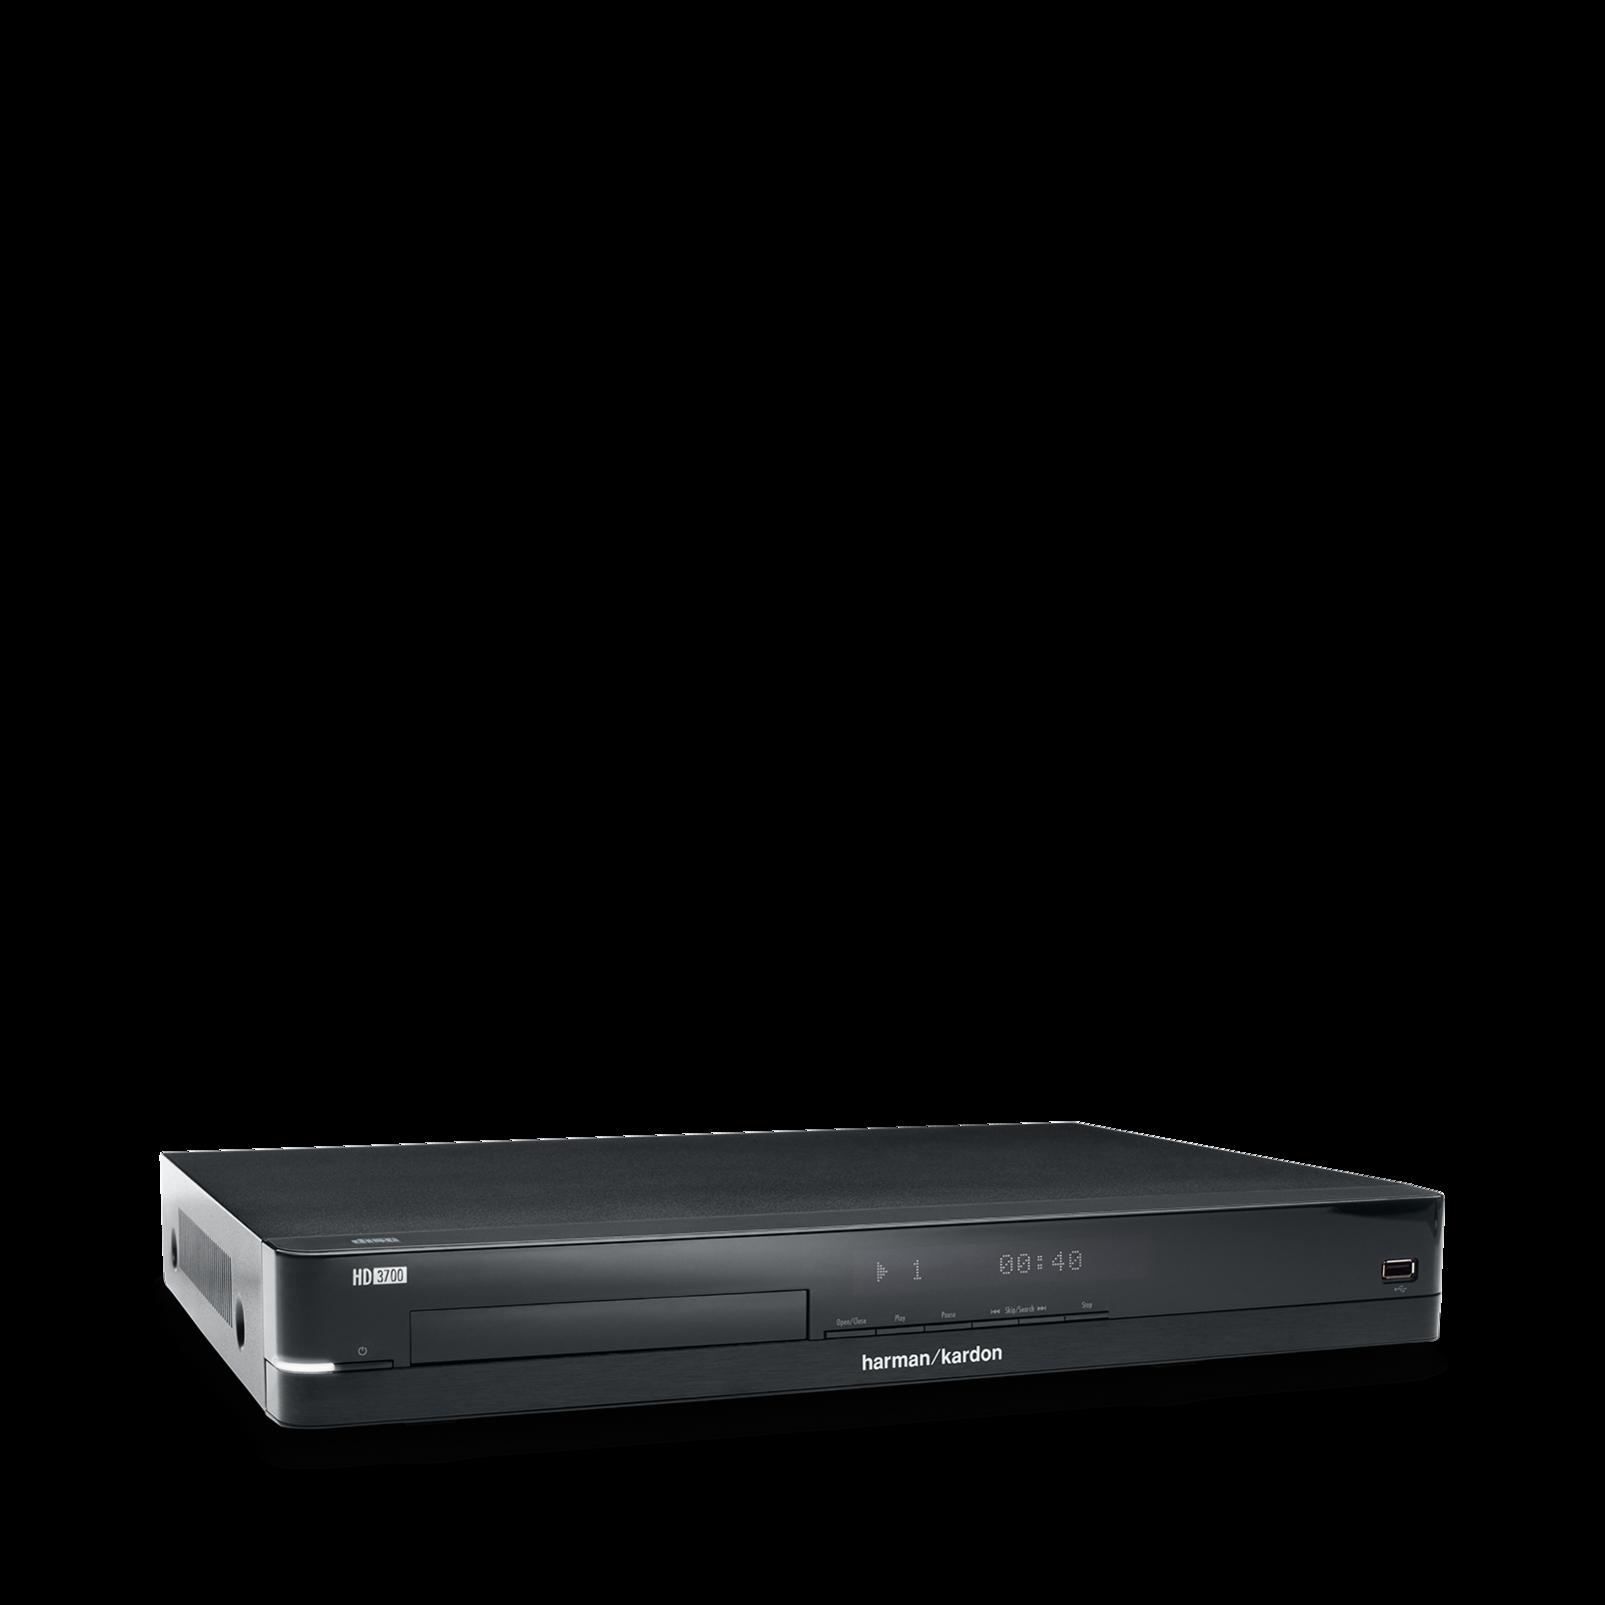 HD 3700 - Black - Hifi CD-soitin, joka on syntynyt tuottamaan kauniin äänen - Hero